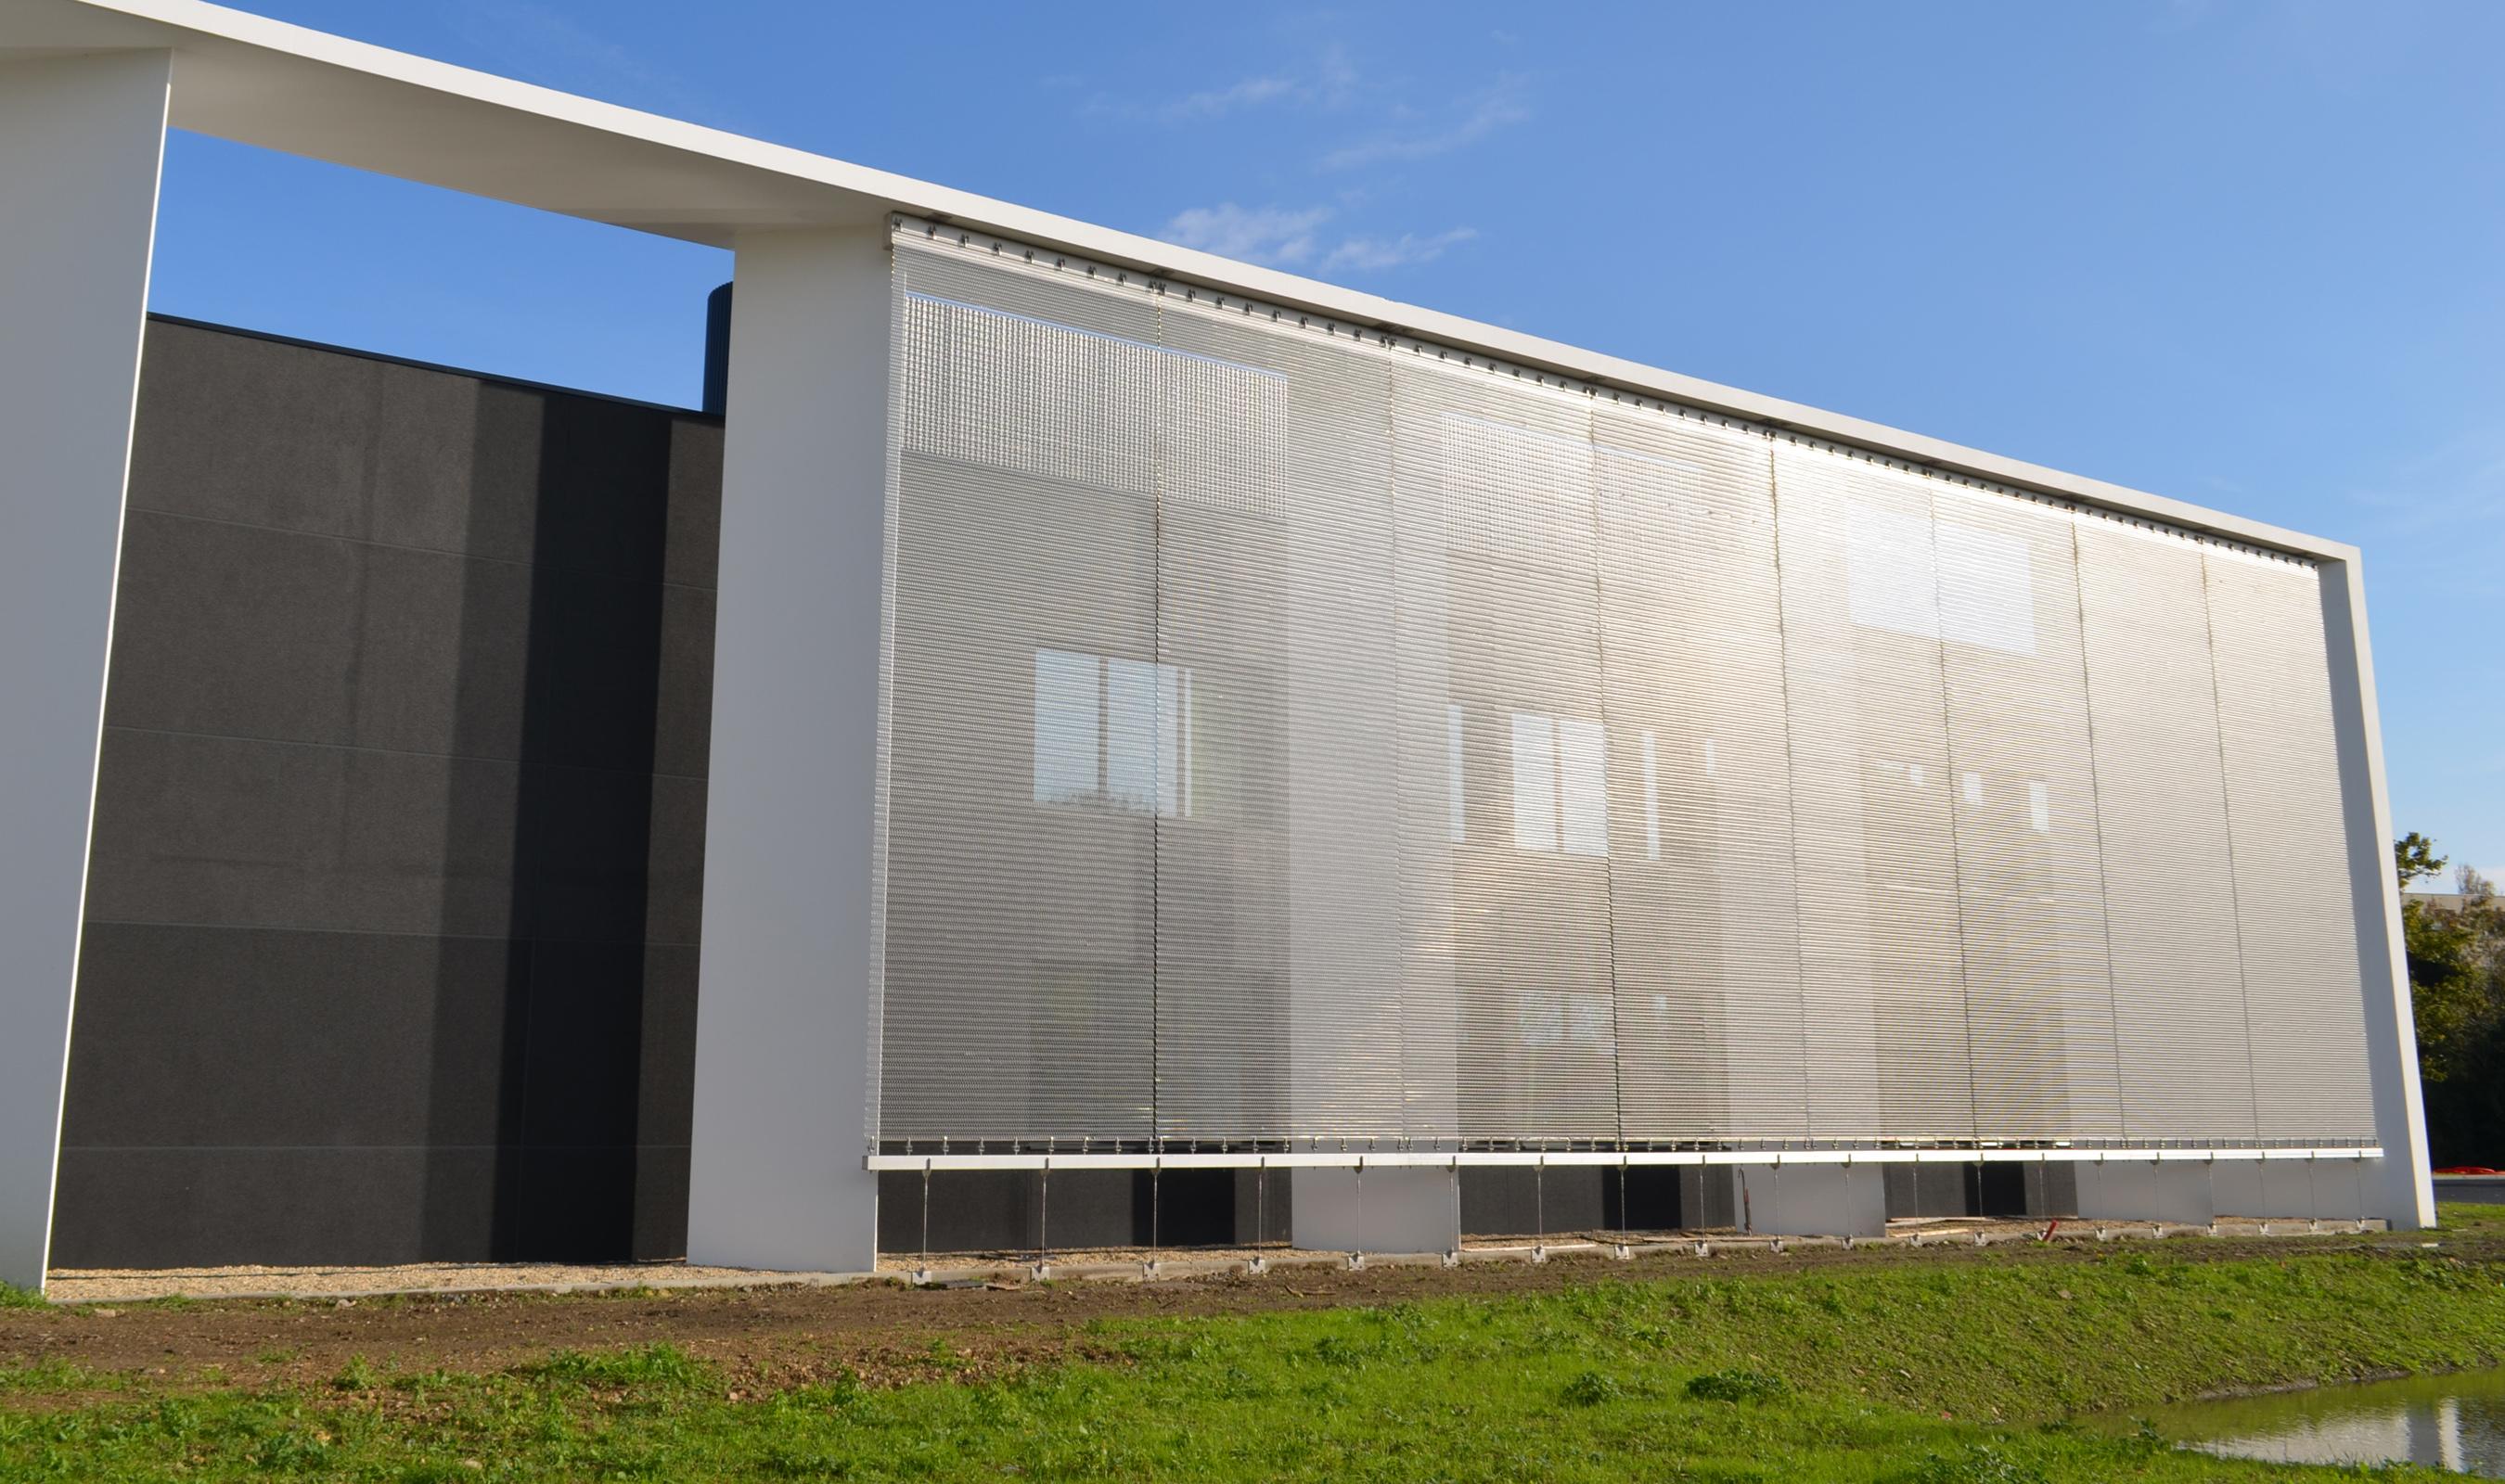 Ridge flexible mesh pattern as a facade